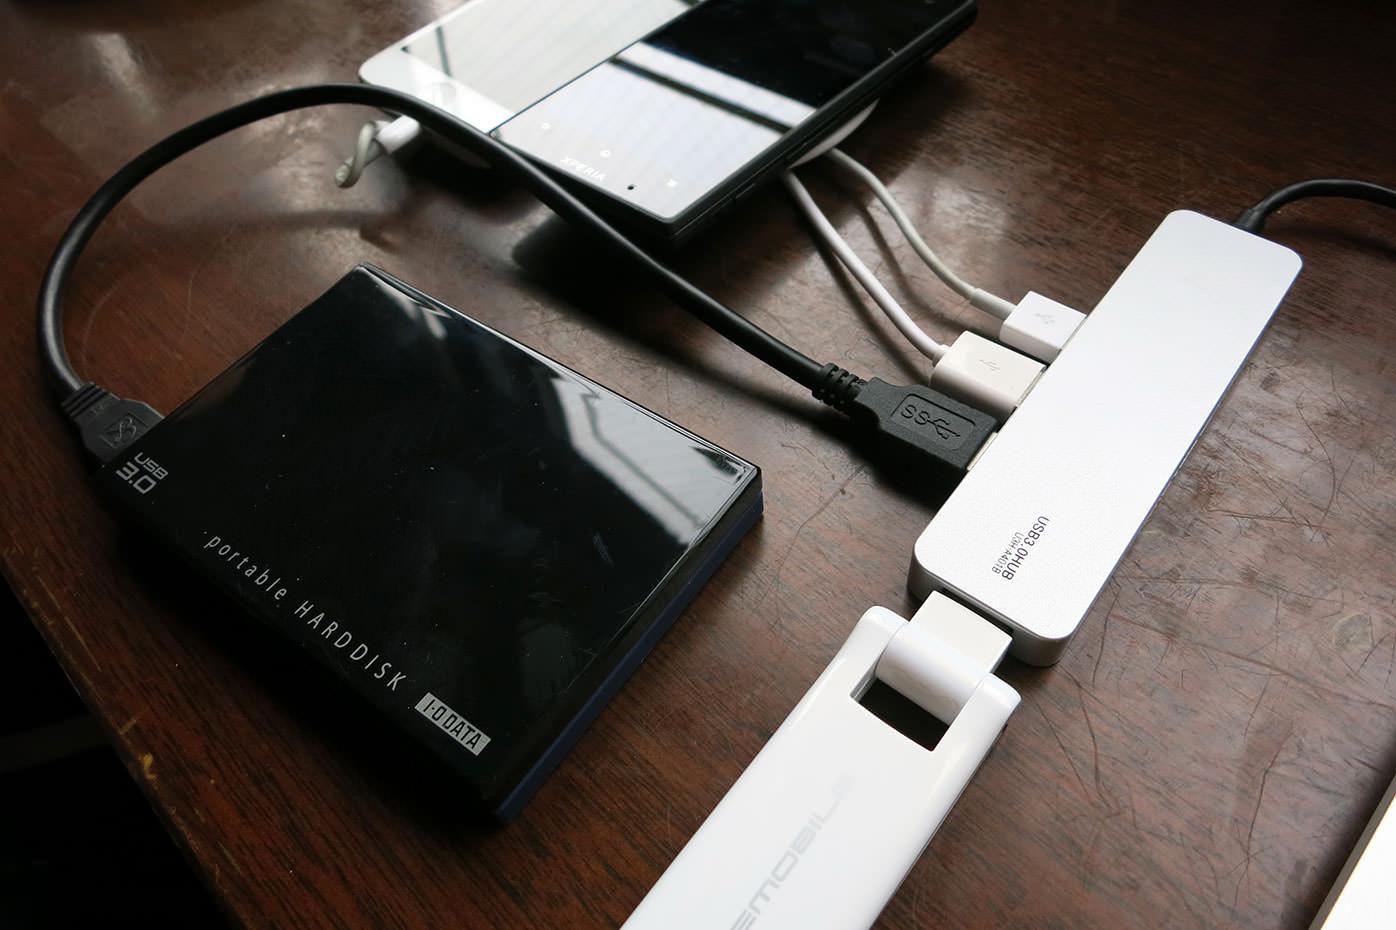 ElecomのUSB3.0対応ハブに4つのガジェットを接続した図